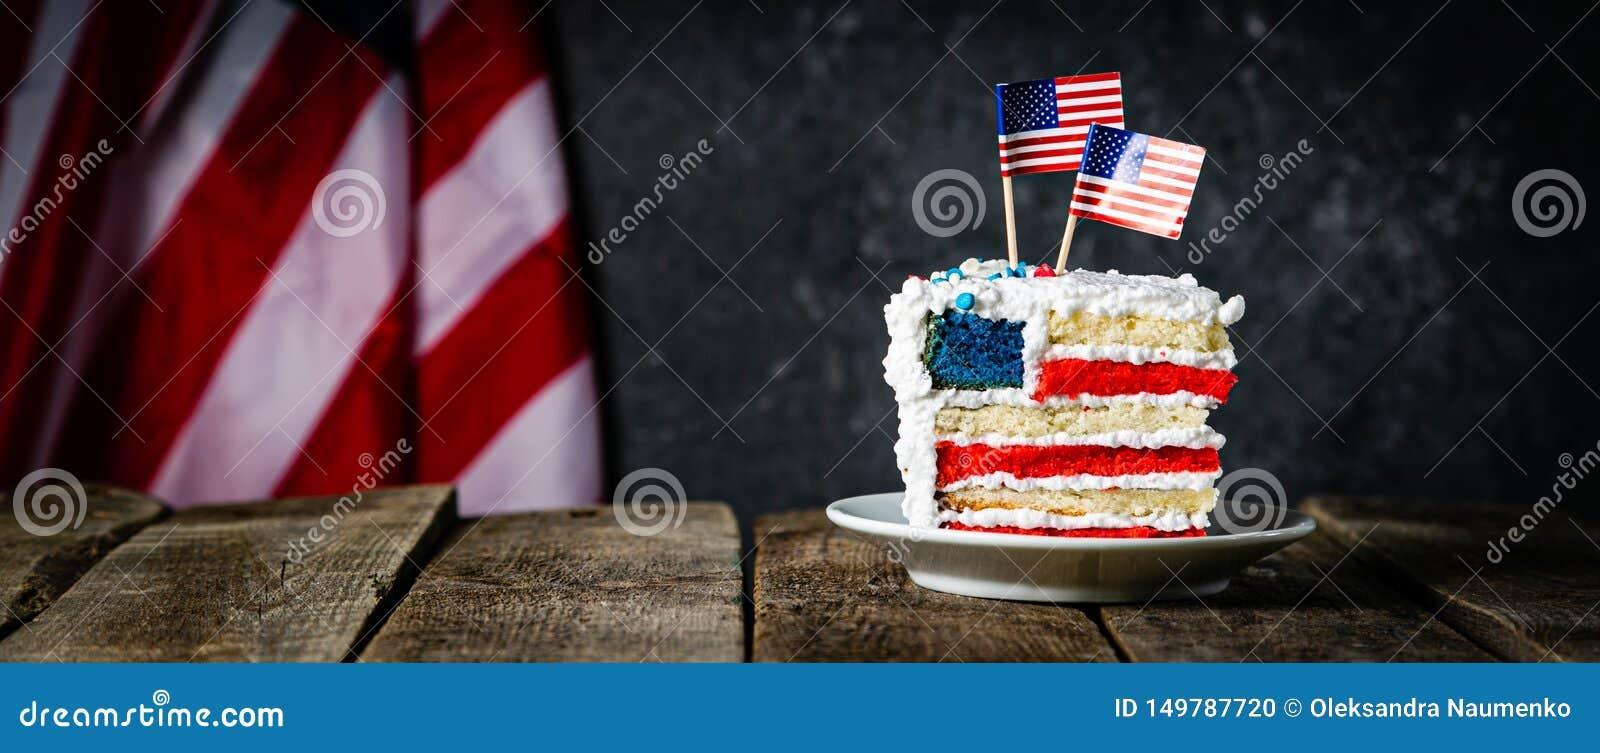 Αμερικανική έννοια εθνικών εορτών - 4η της ημέρα μνήμηςης Ιουλίου, ημέρα εργασίας Βαλμένο σε στρώσεις spounge κέικ στα χρώματα ΑΜ